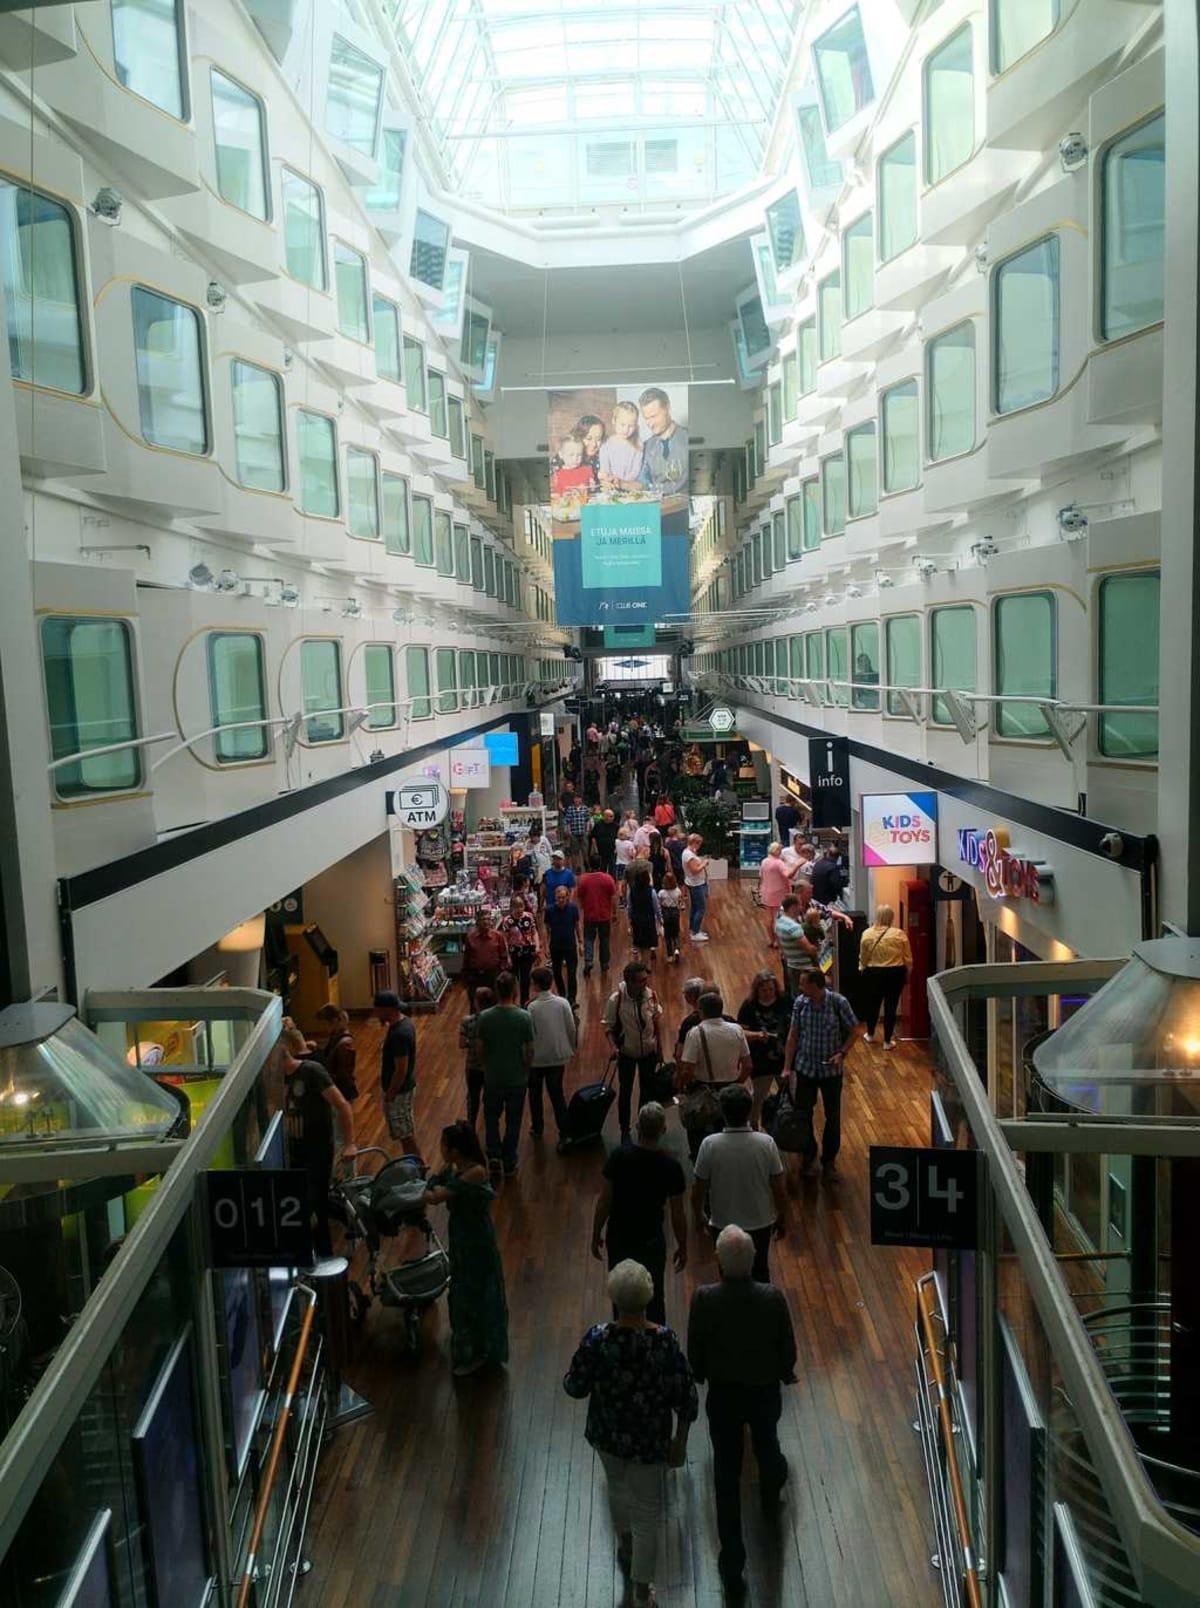 プロムナード | 客船シリヤ・セレナーデの船内施設